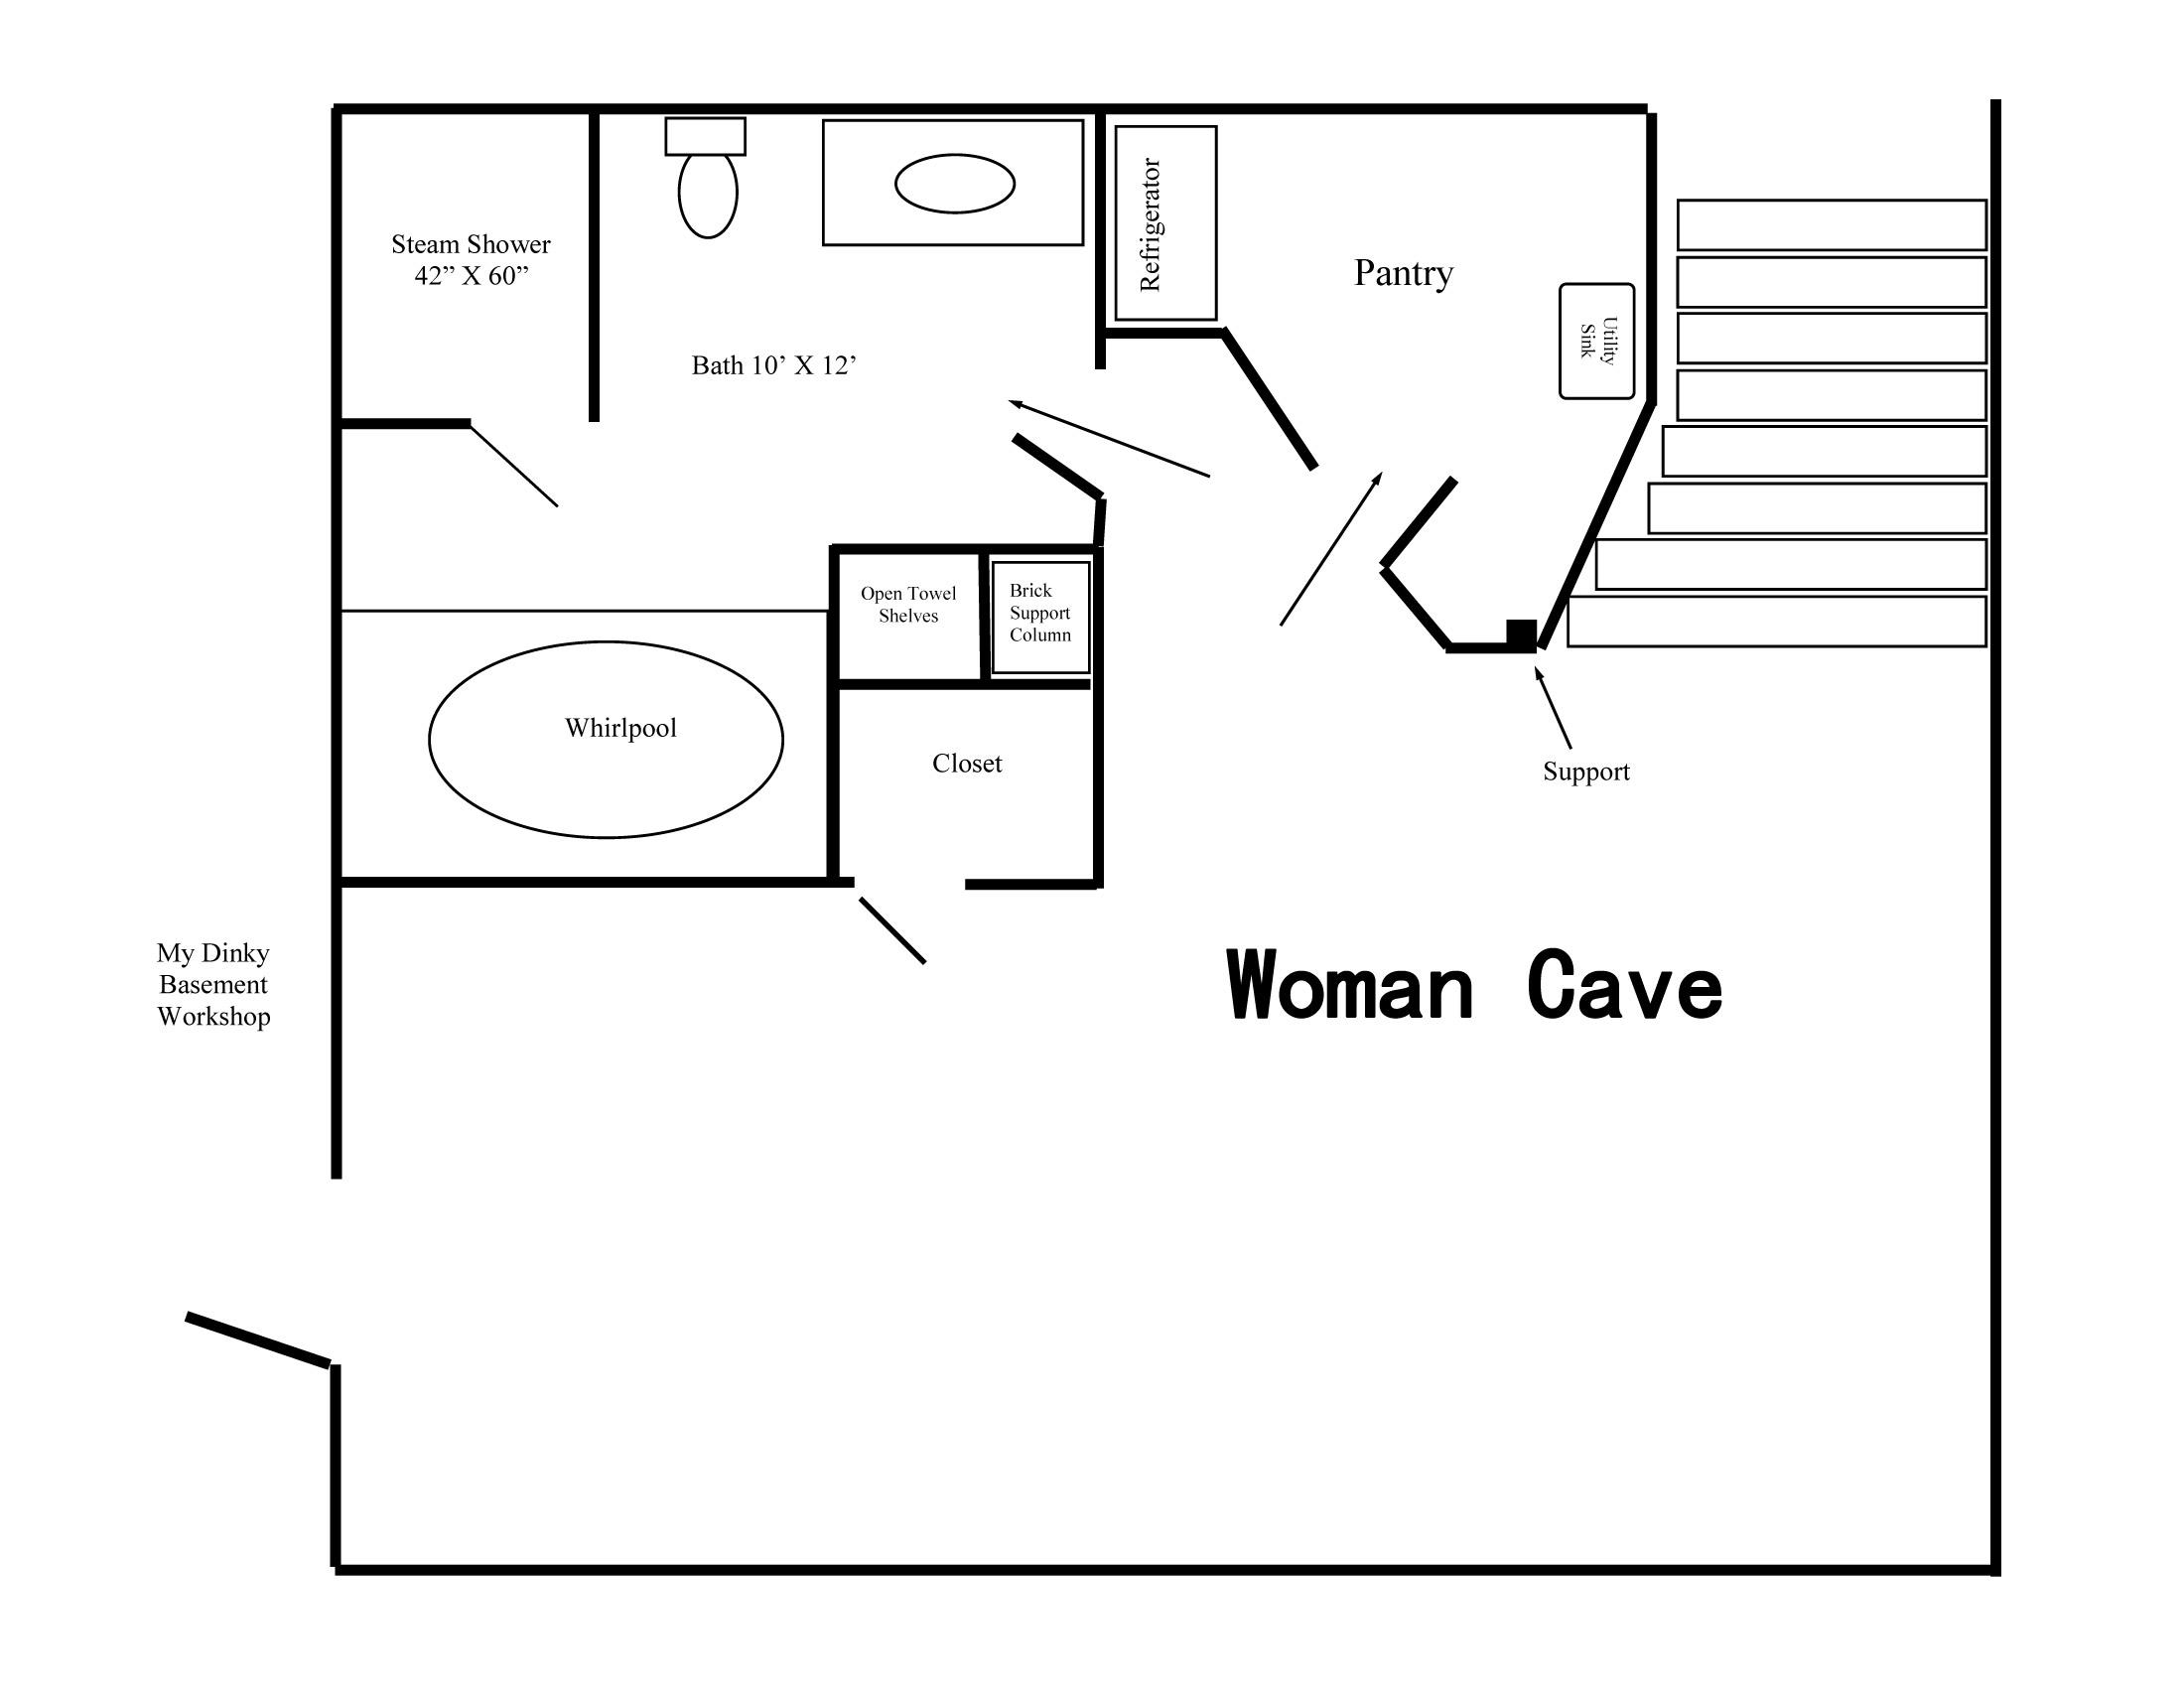 Woman Cave Floor Plan